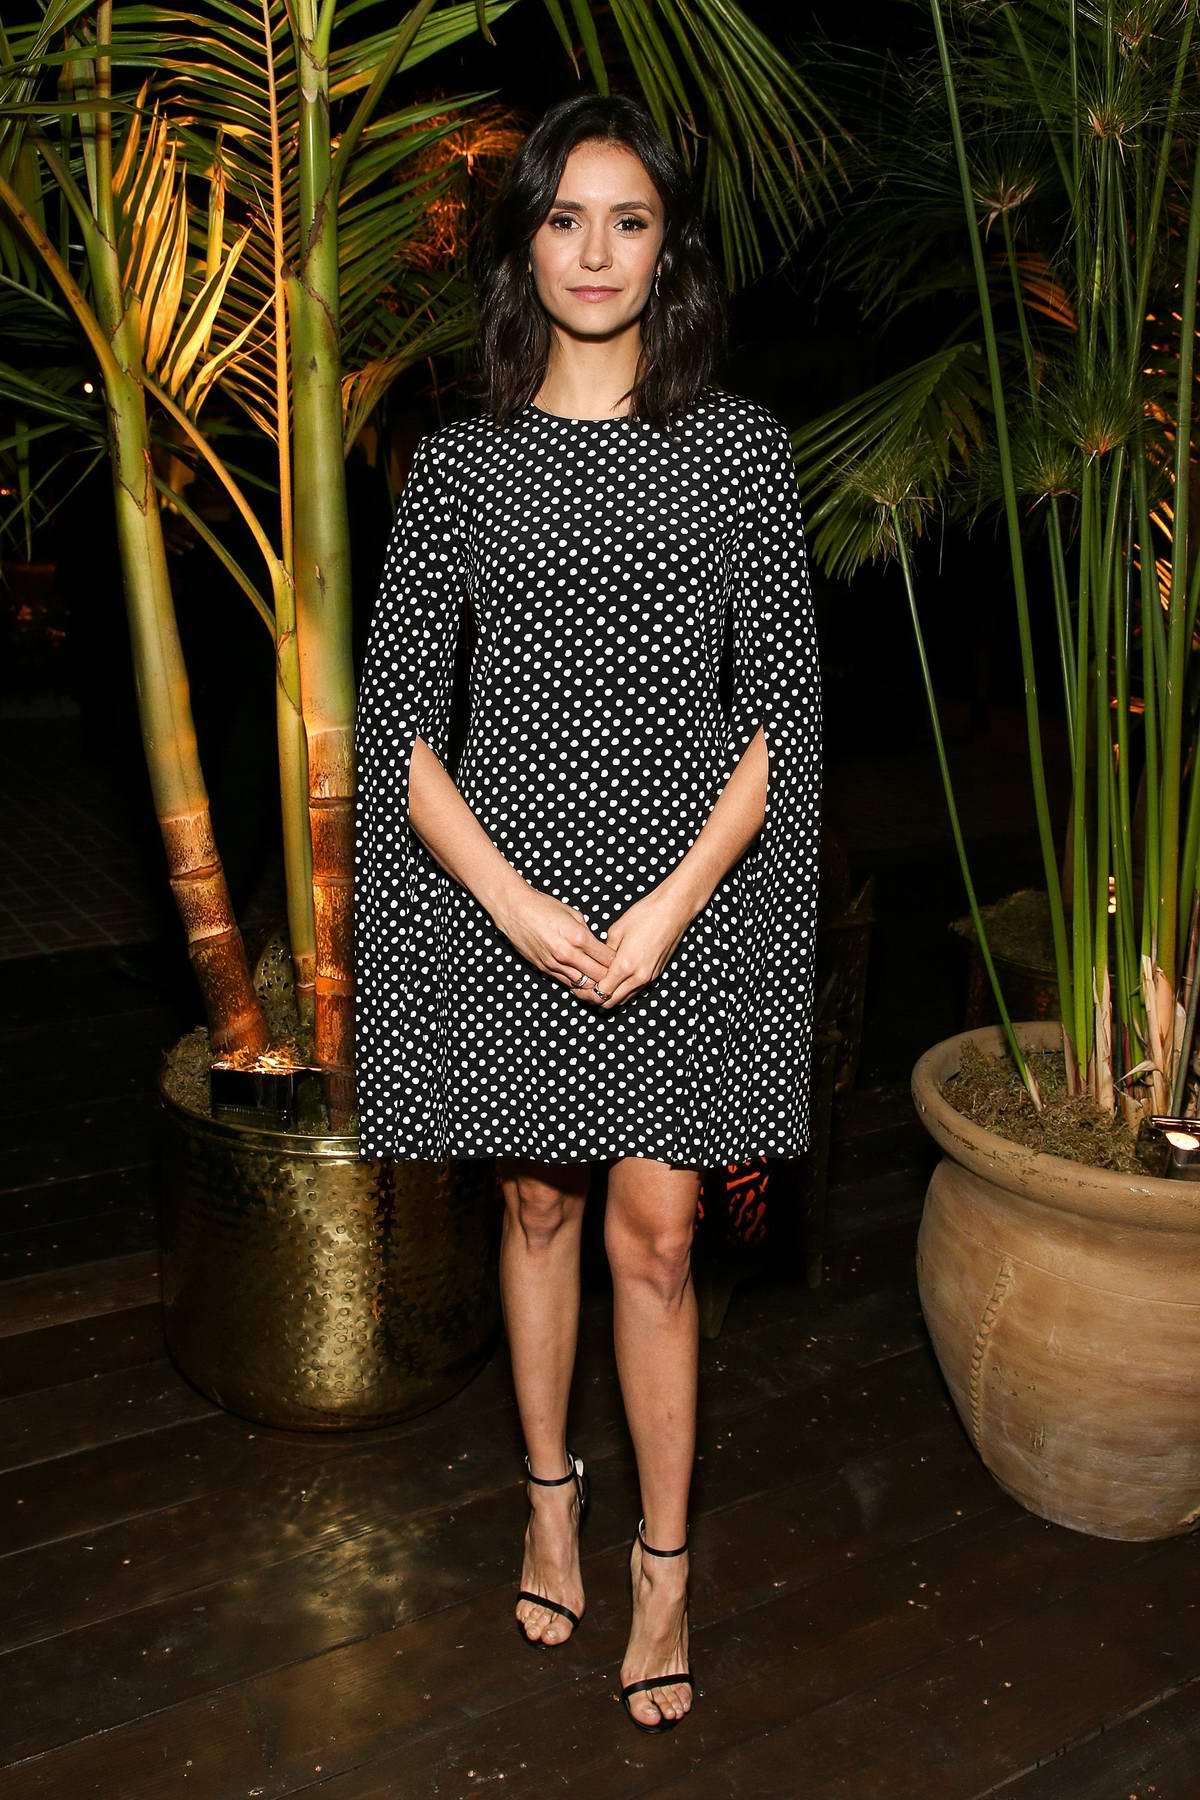 Nina Dobrev attending Michael Kors x Kate Hudson Dinner in Los Angeles